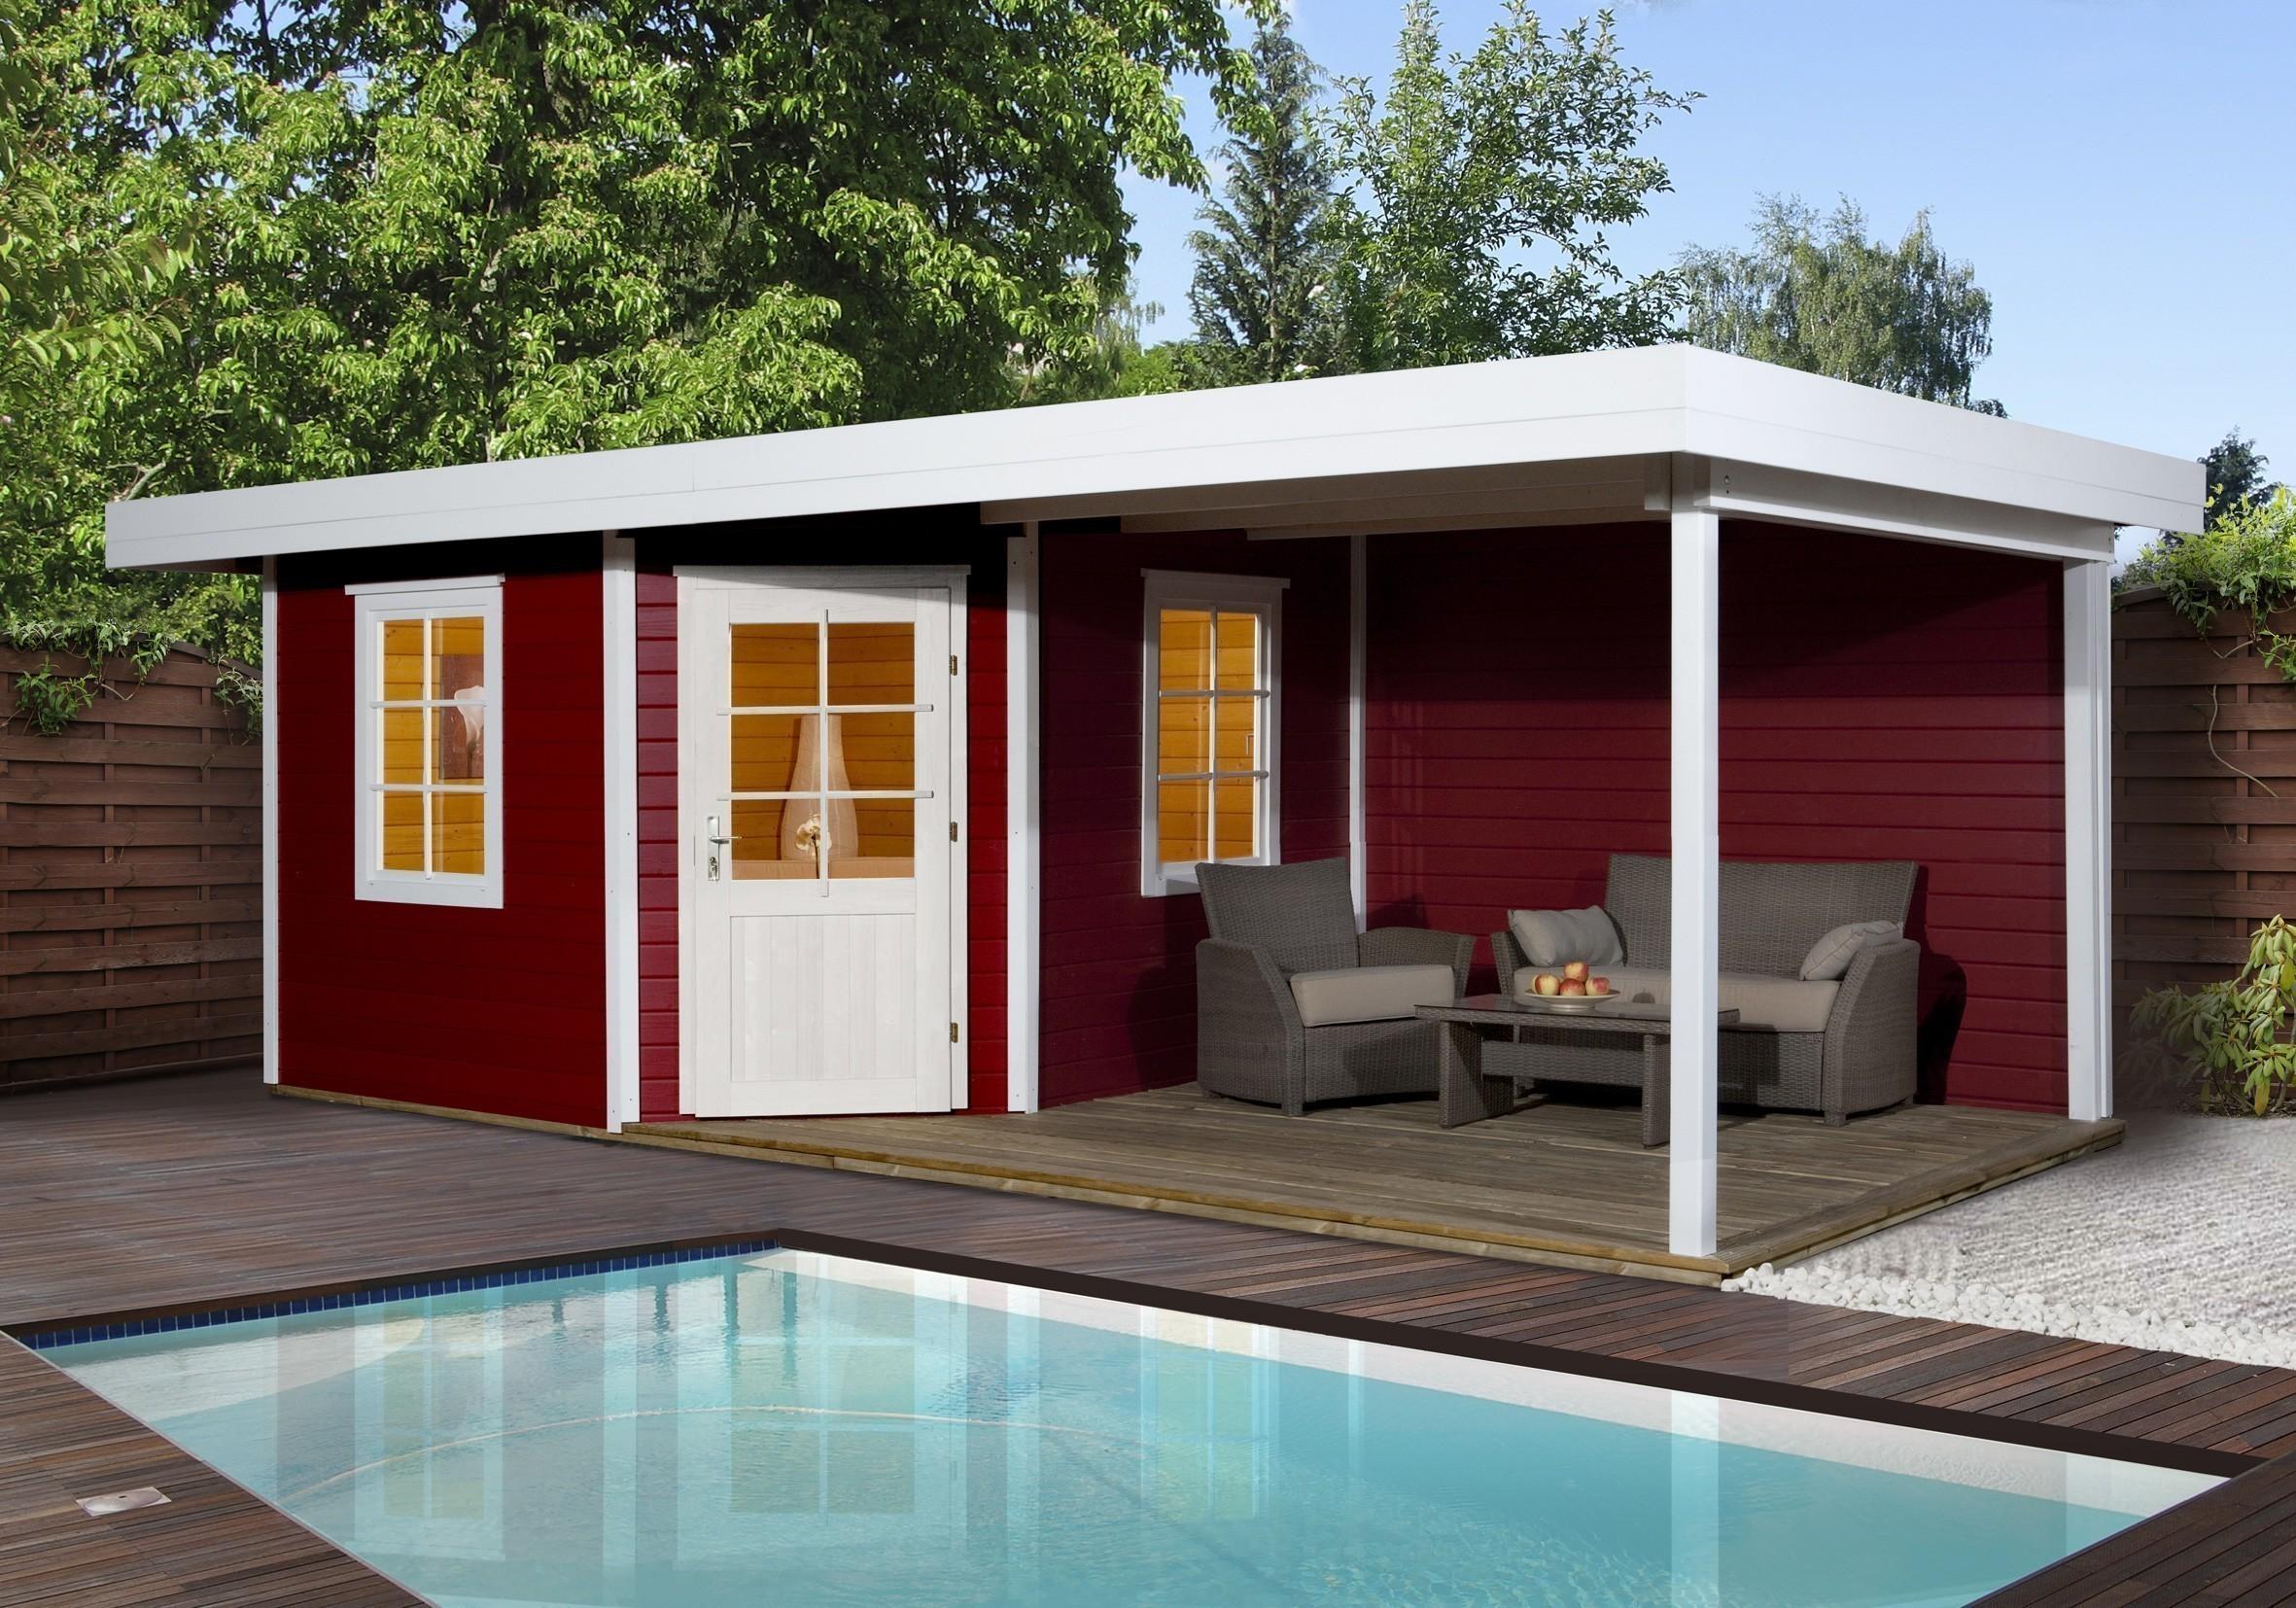 Neu Weka Gartenhaus 28 mm Designhaus 213B Gr. 2 + Anbau rot 646x338cm  ZS17